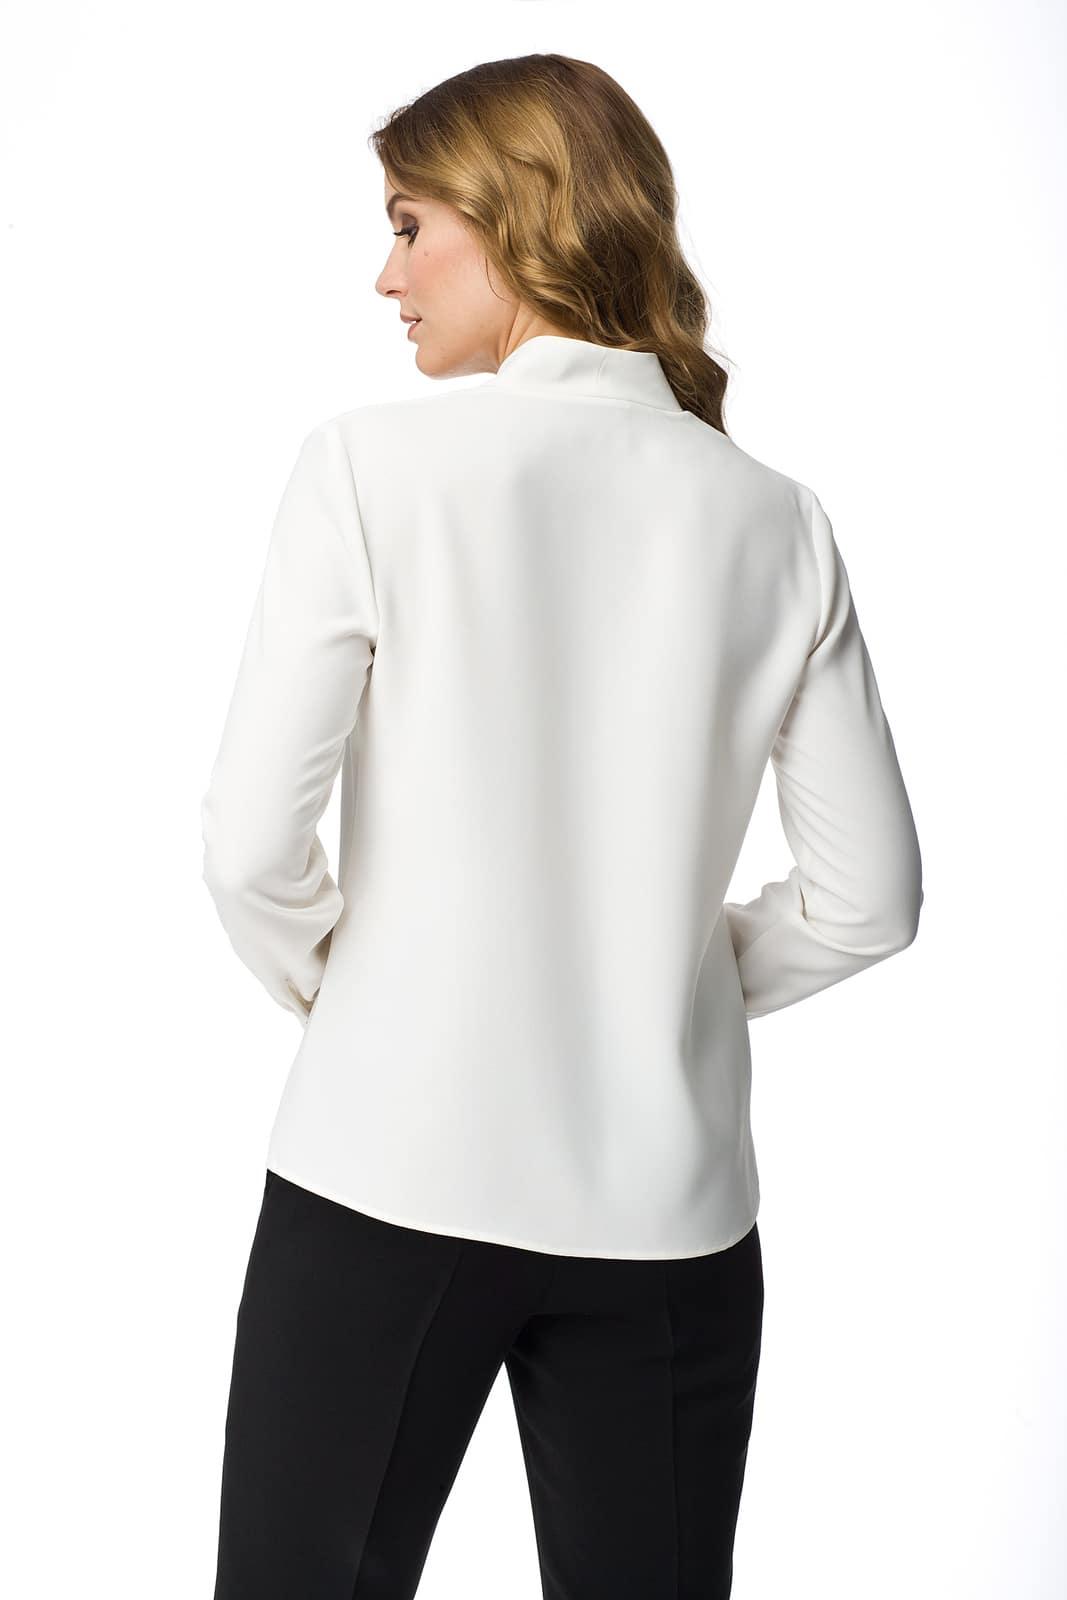 4b6a70381e Biała bluzka z dekoltem w serek Honorata - Modesta - ponad 30 lat na ...